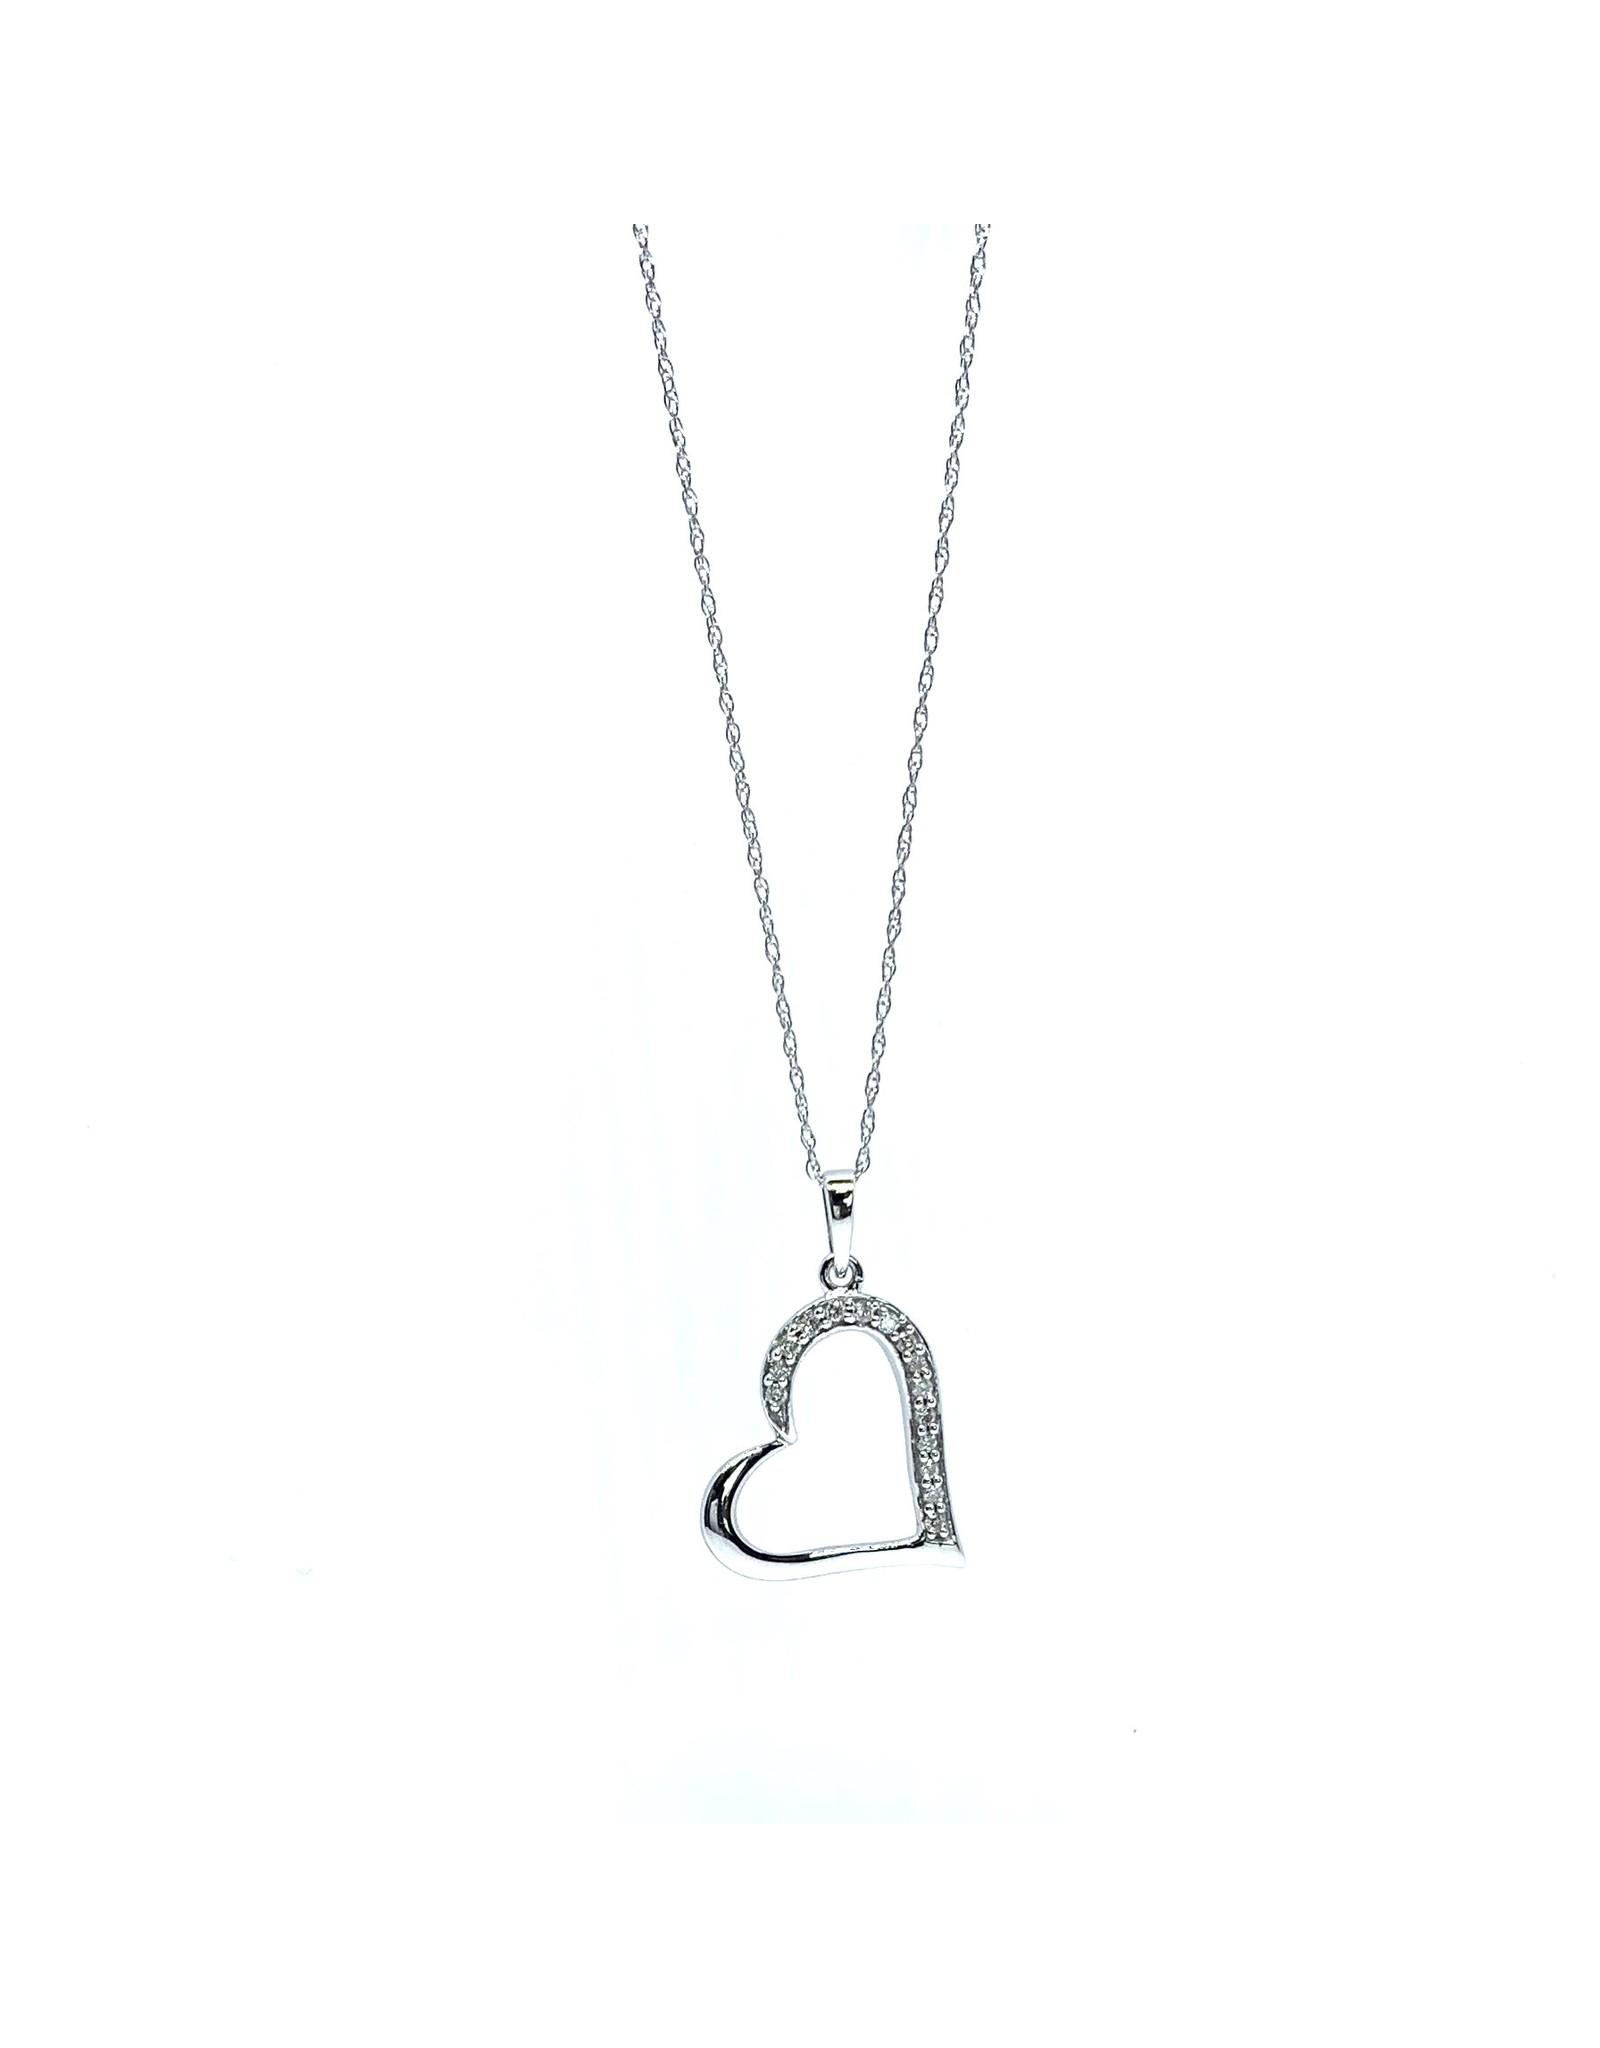 Chaîne et breloque Coeur Or blanc 10K avec Diamants